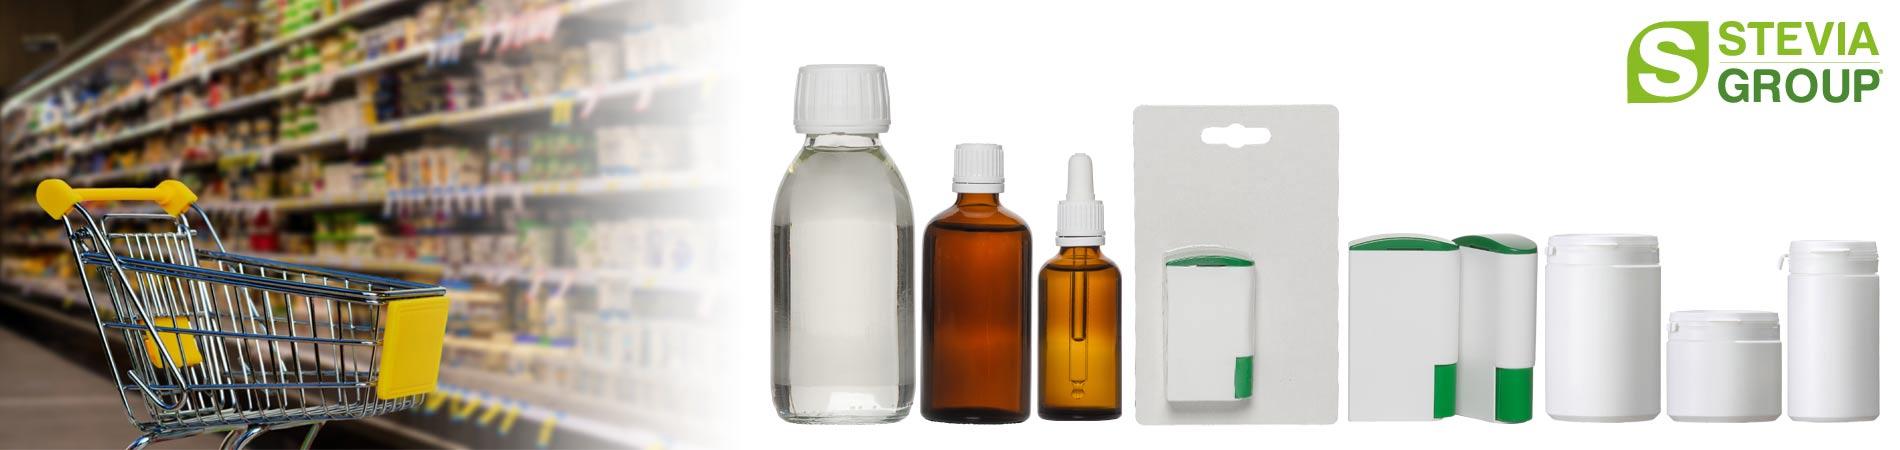 Stevia-Group handelsmarken private label